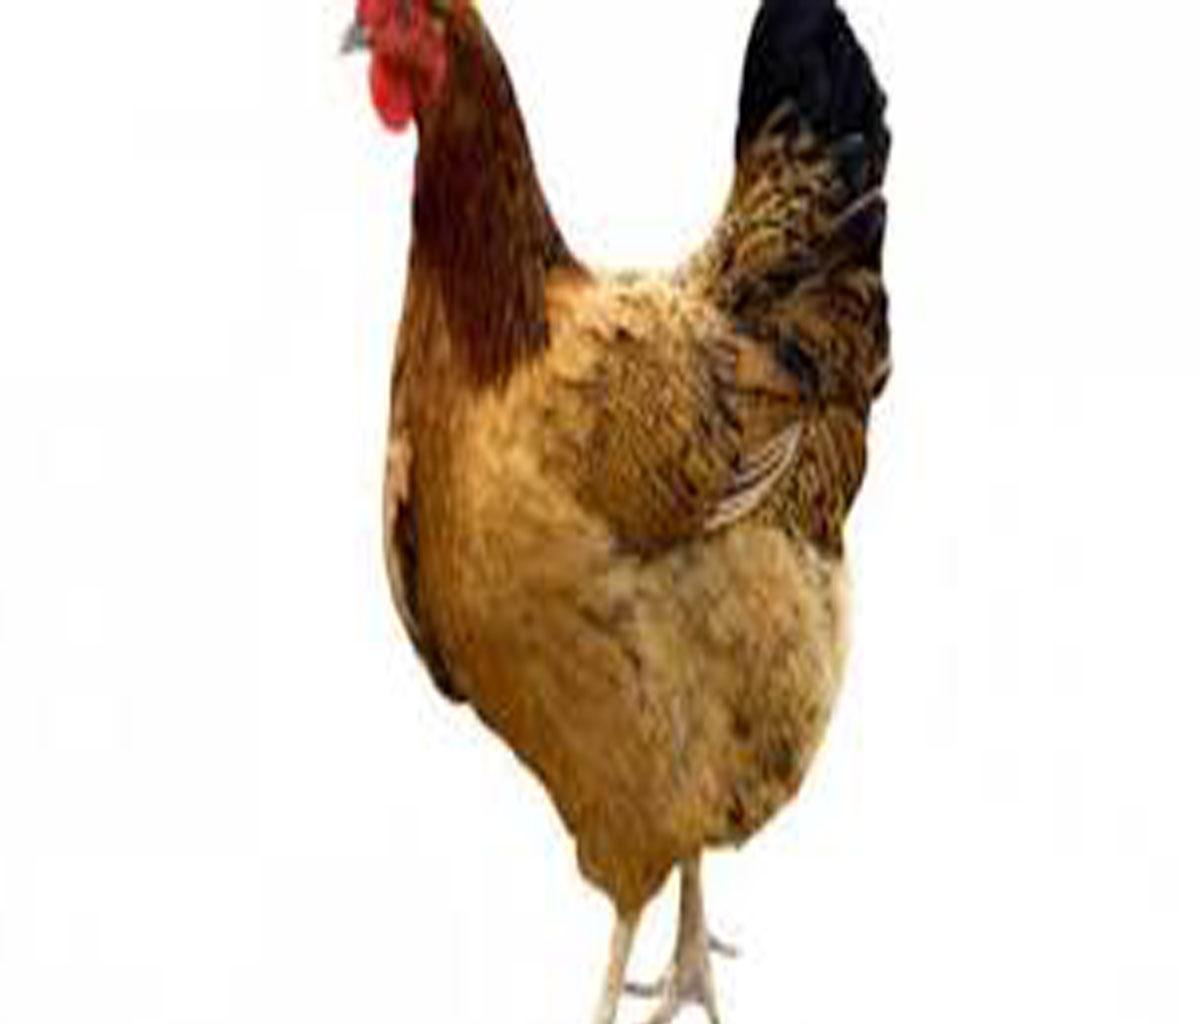 صور تفسير رؤية الدجاج الحي في المنام , اهم الاشياء فى تفسيرالدجاج الحى